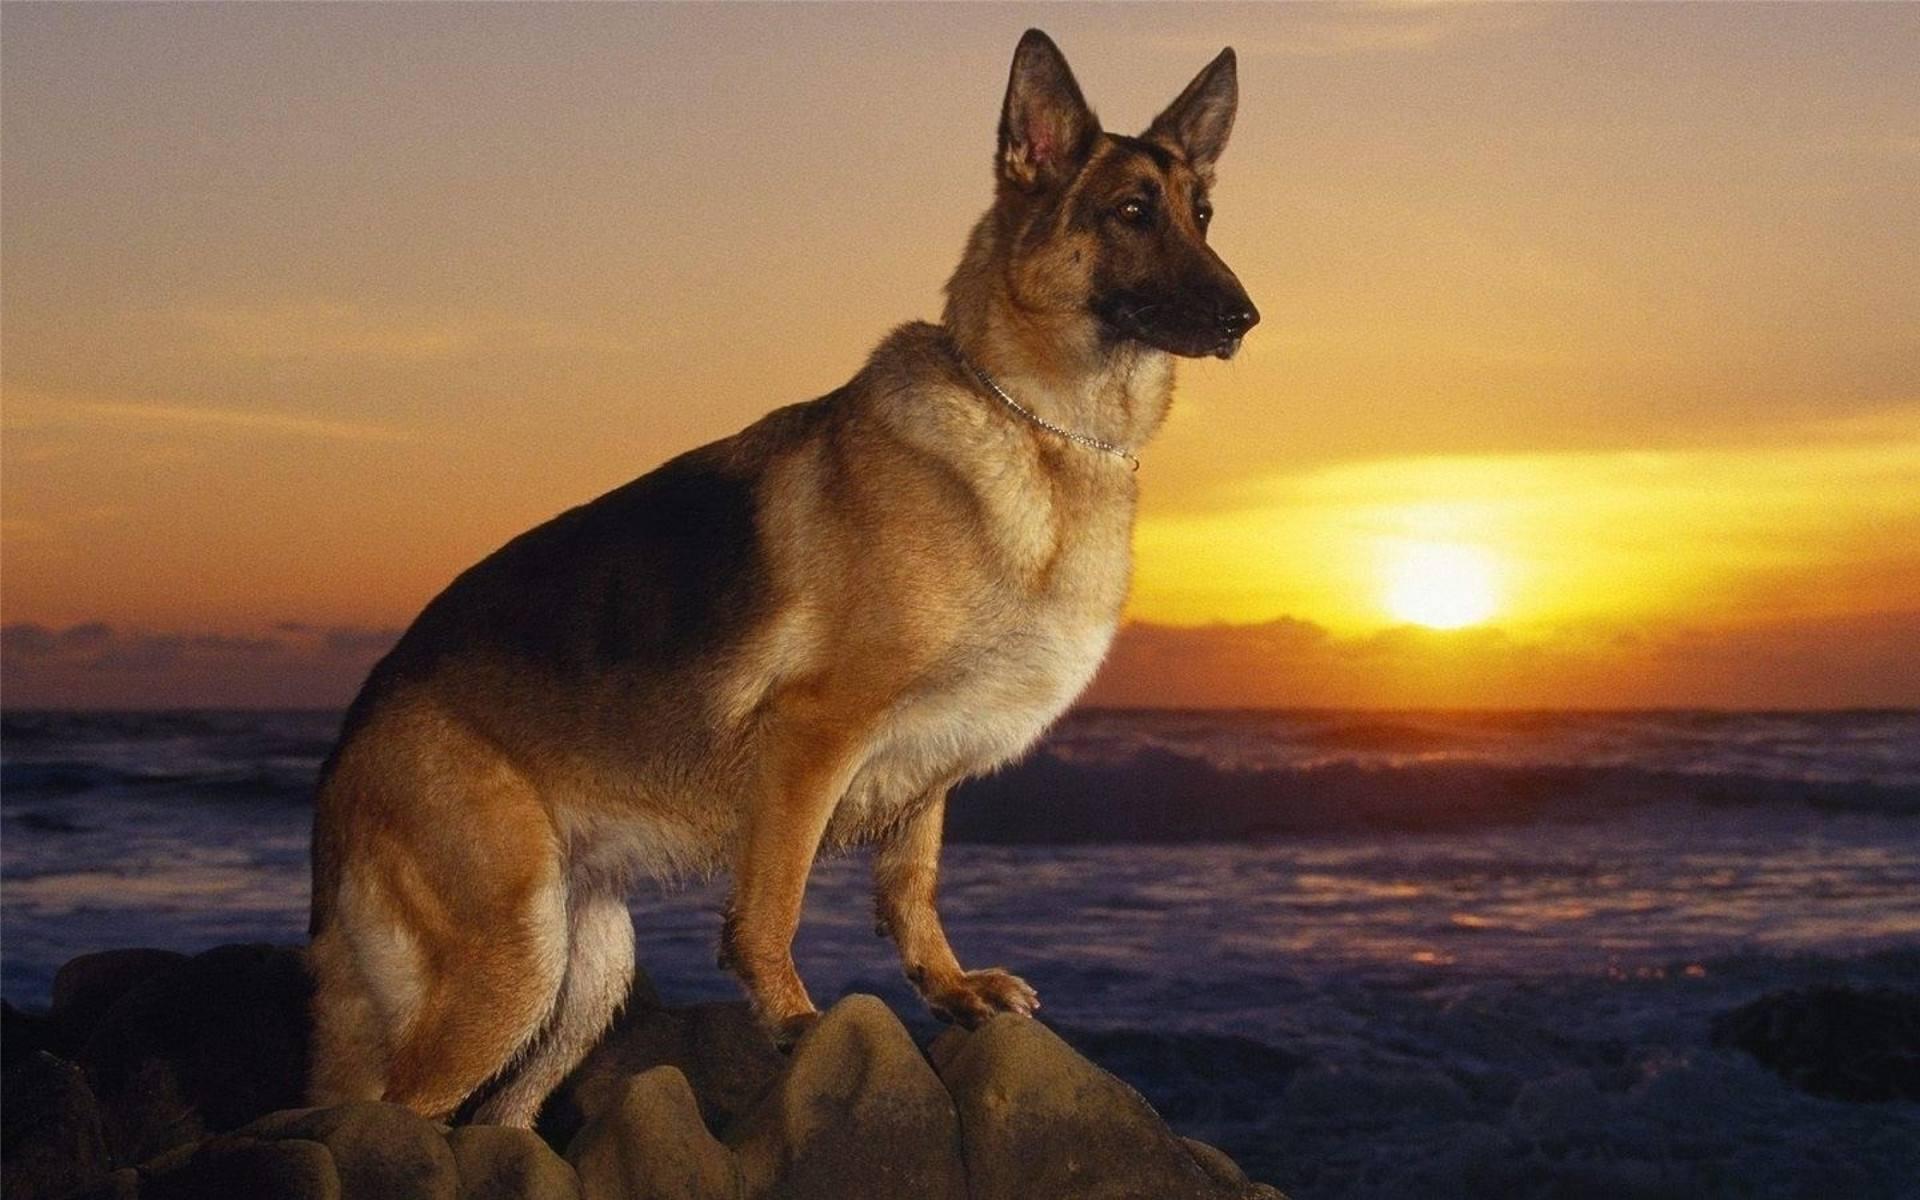 狗狗起源于狼吗?